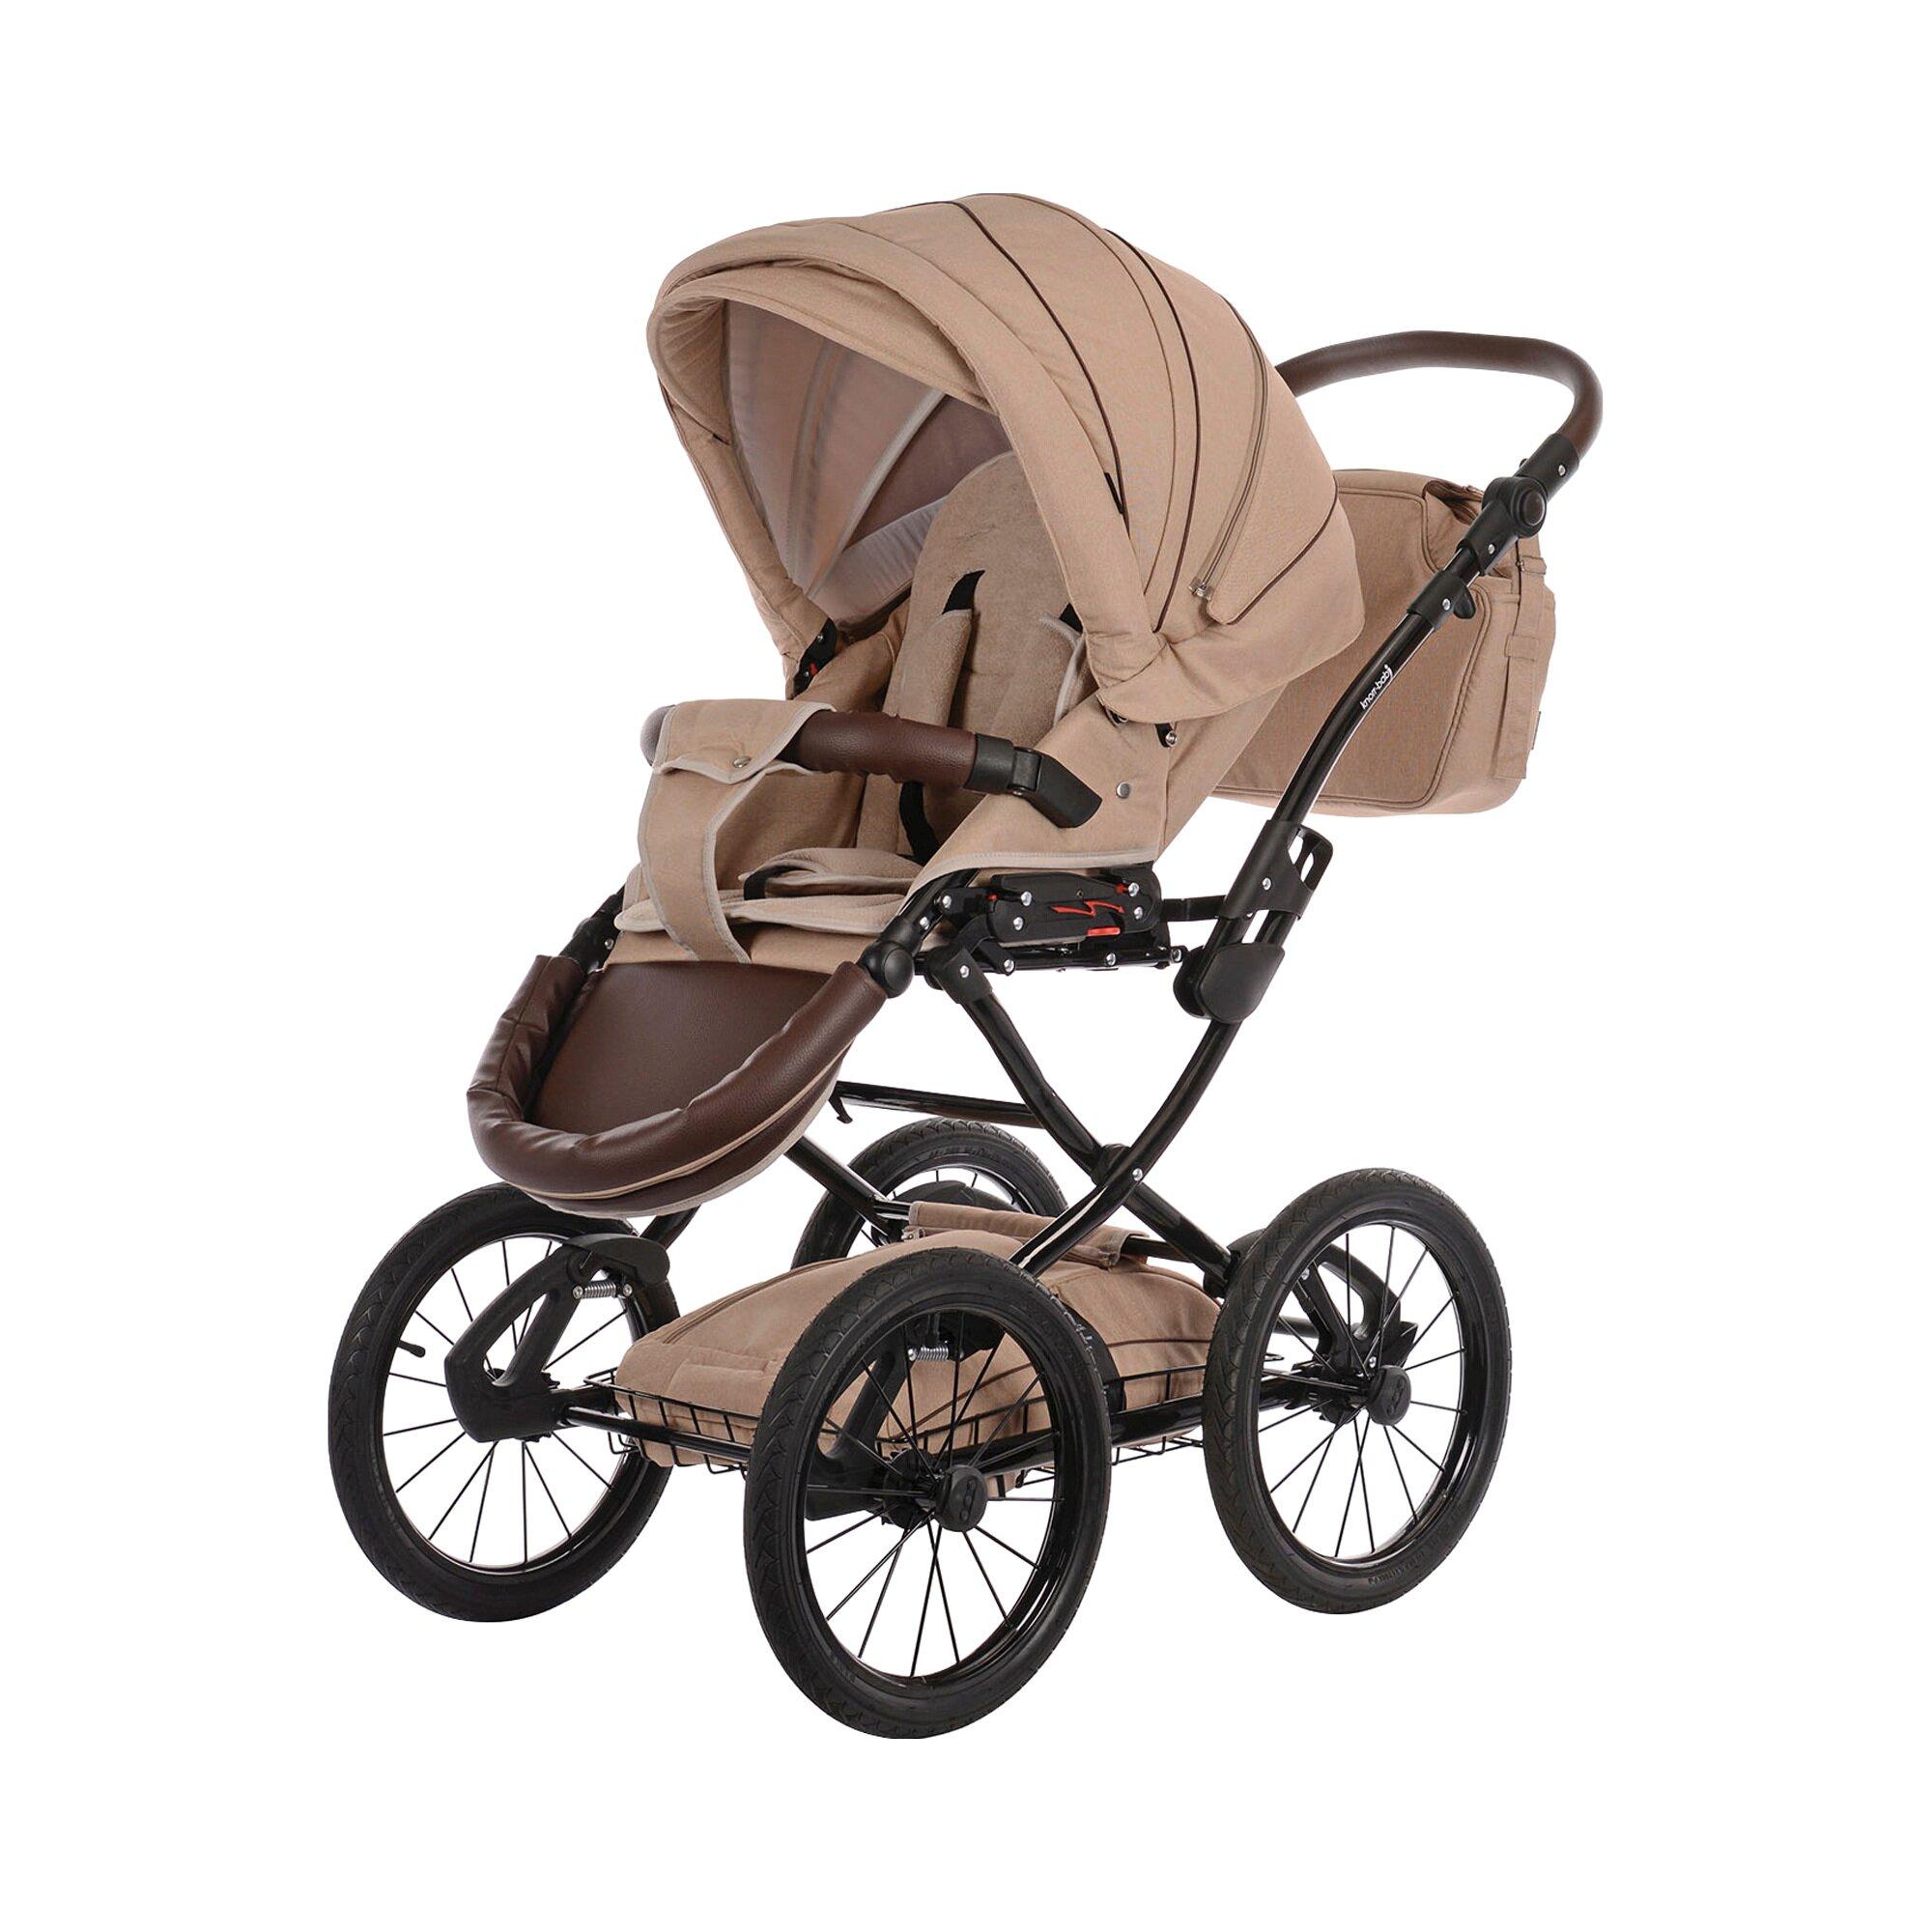 knorr-baby-classico-kombikinderwagen-beige